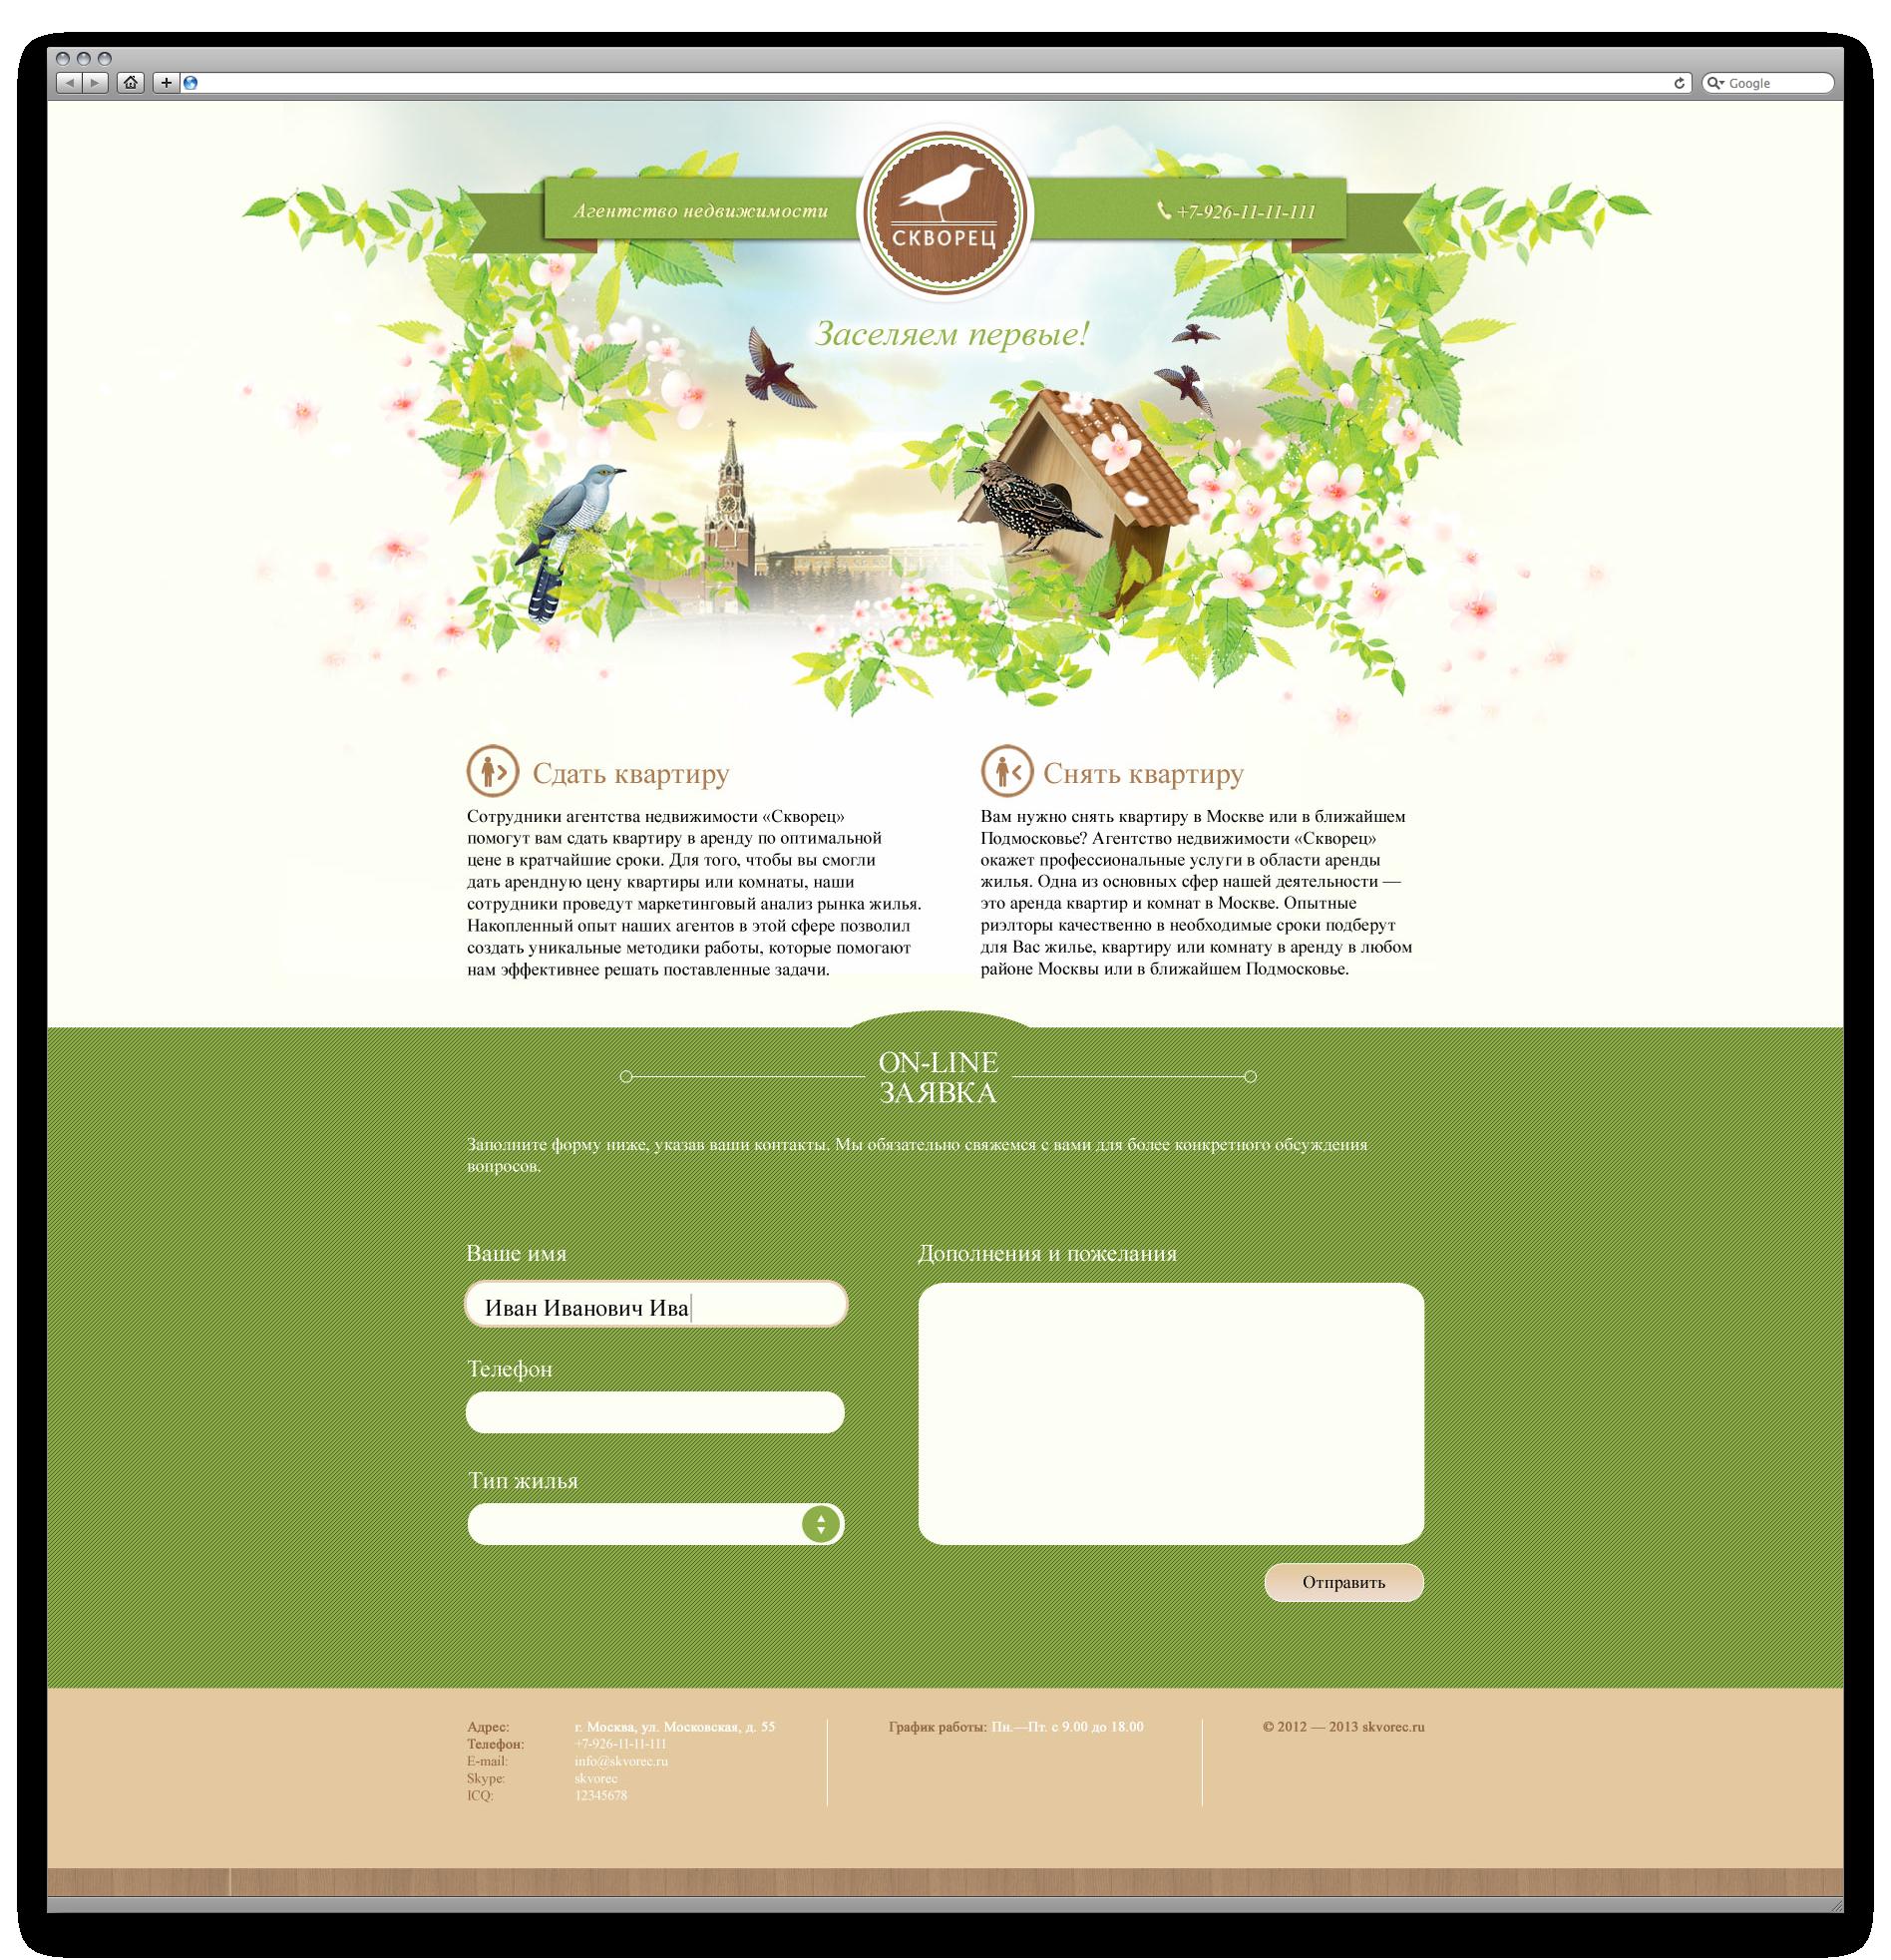 Дизайн главной страницы сайта фото f_5040590c0126d.png